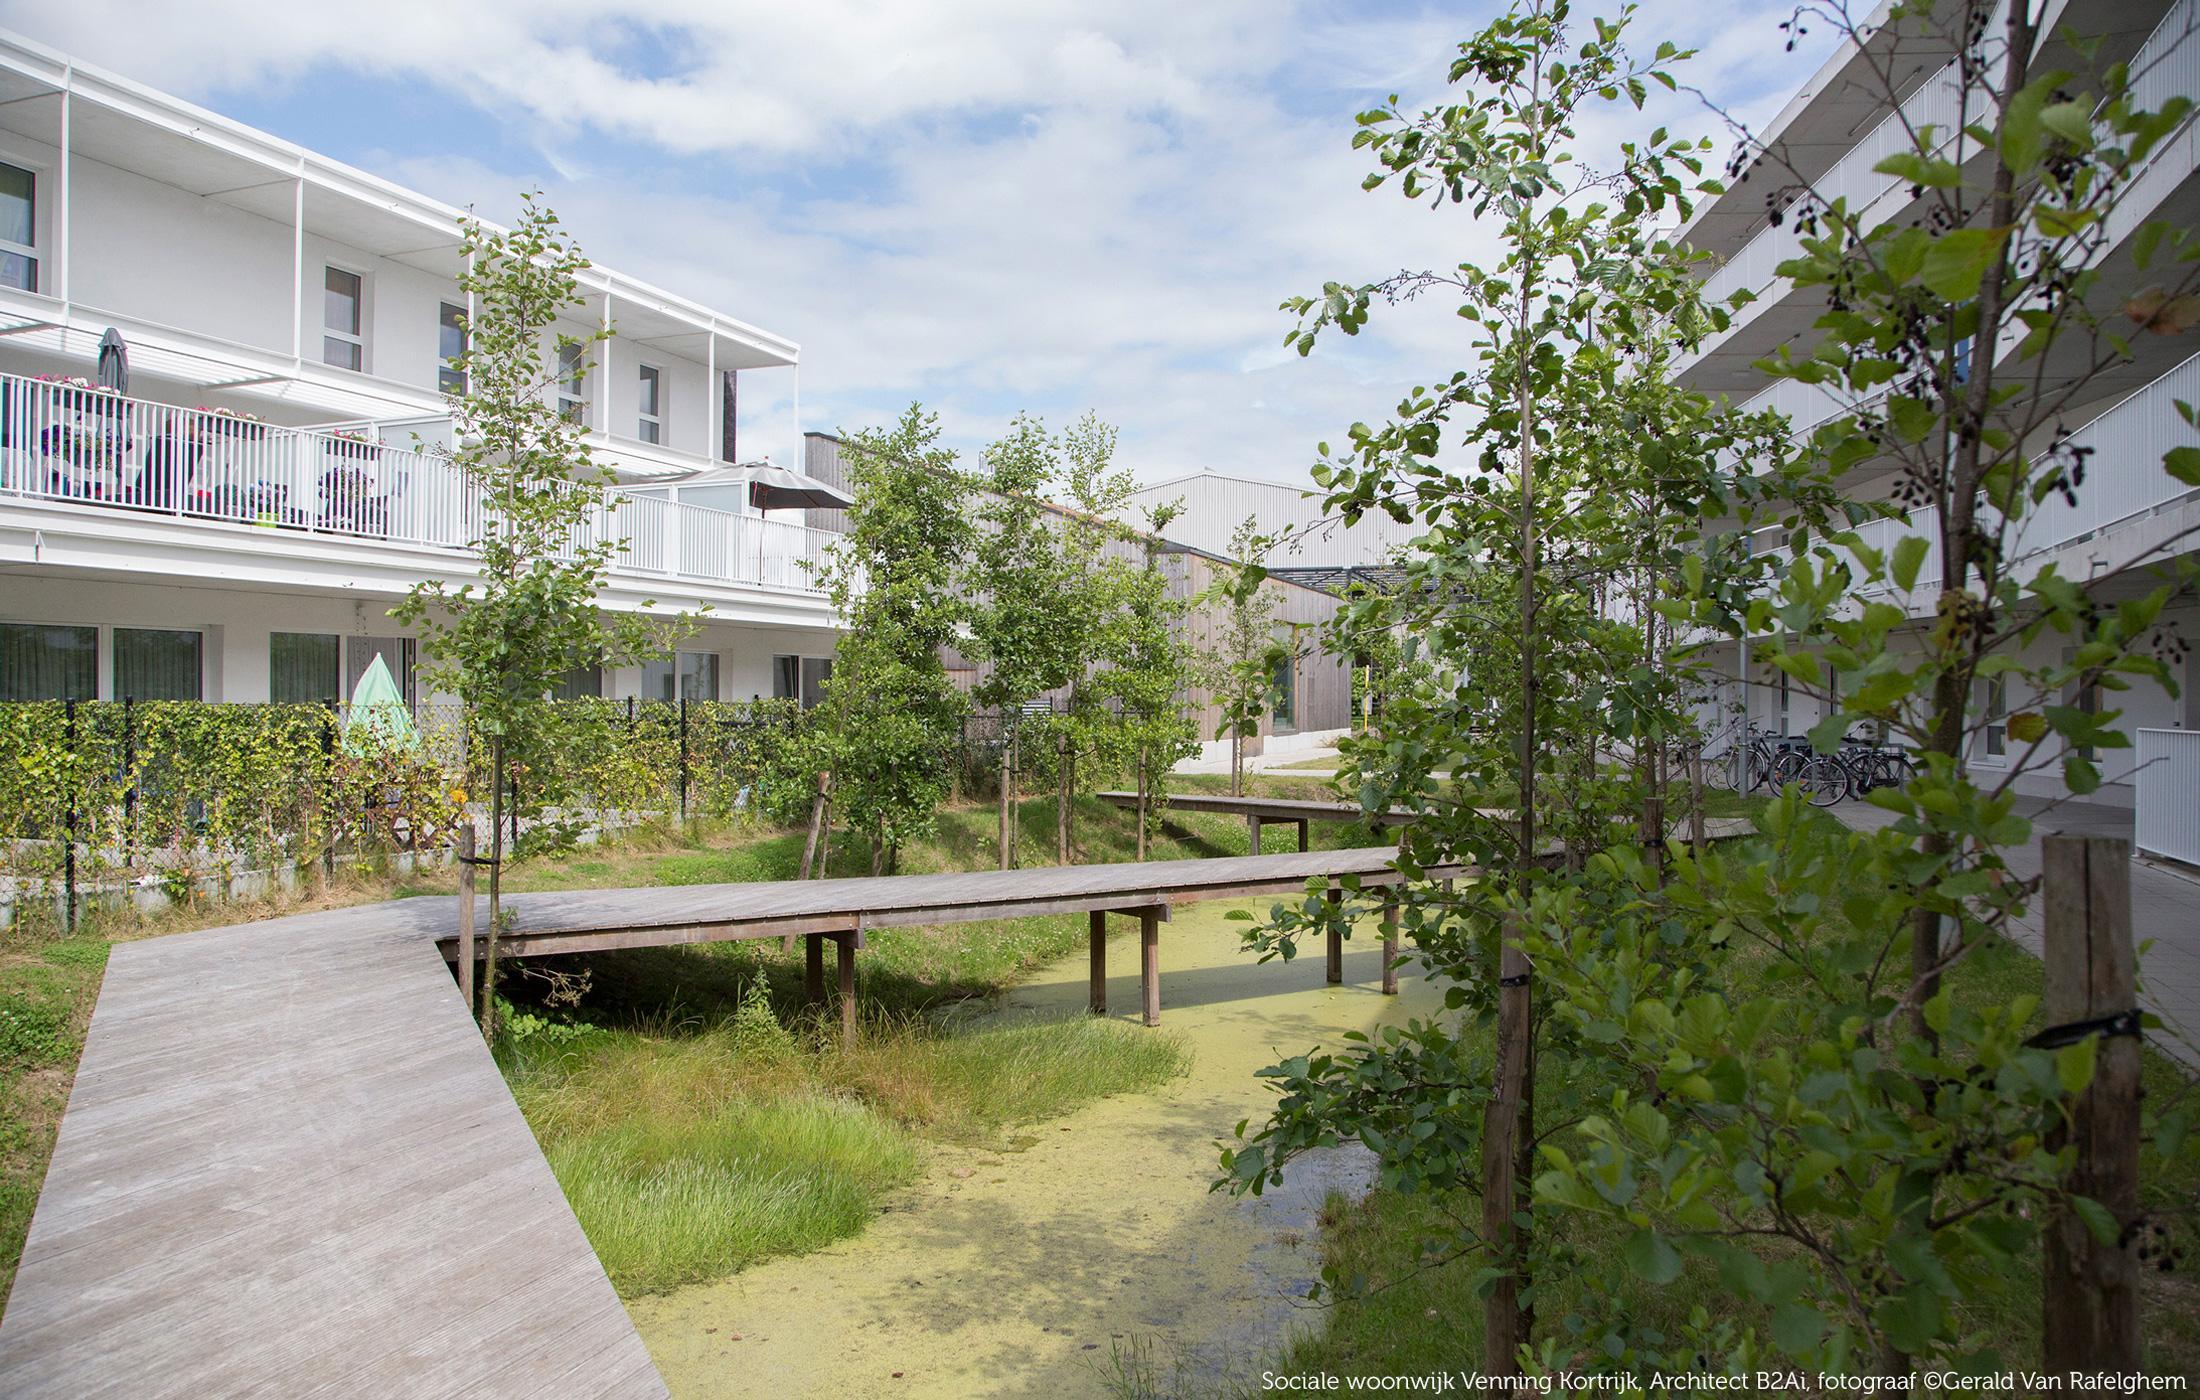 Meesterproef 2019 Sociaal Wonen: oproep aan opdrachtgevers met sociale woningprojecten, Sociale woonwijk Venning Kortrijk ©Gerald Van Rafelghem